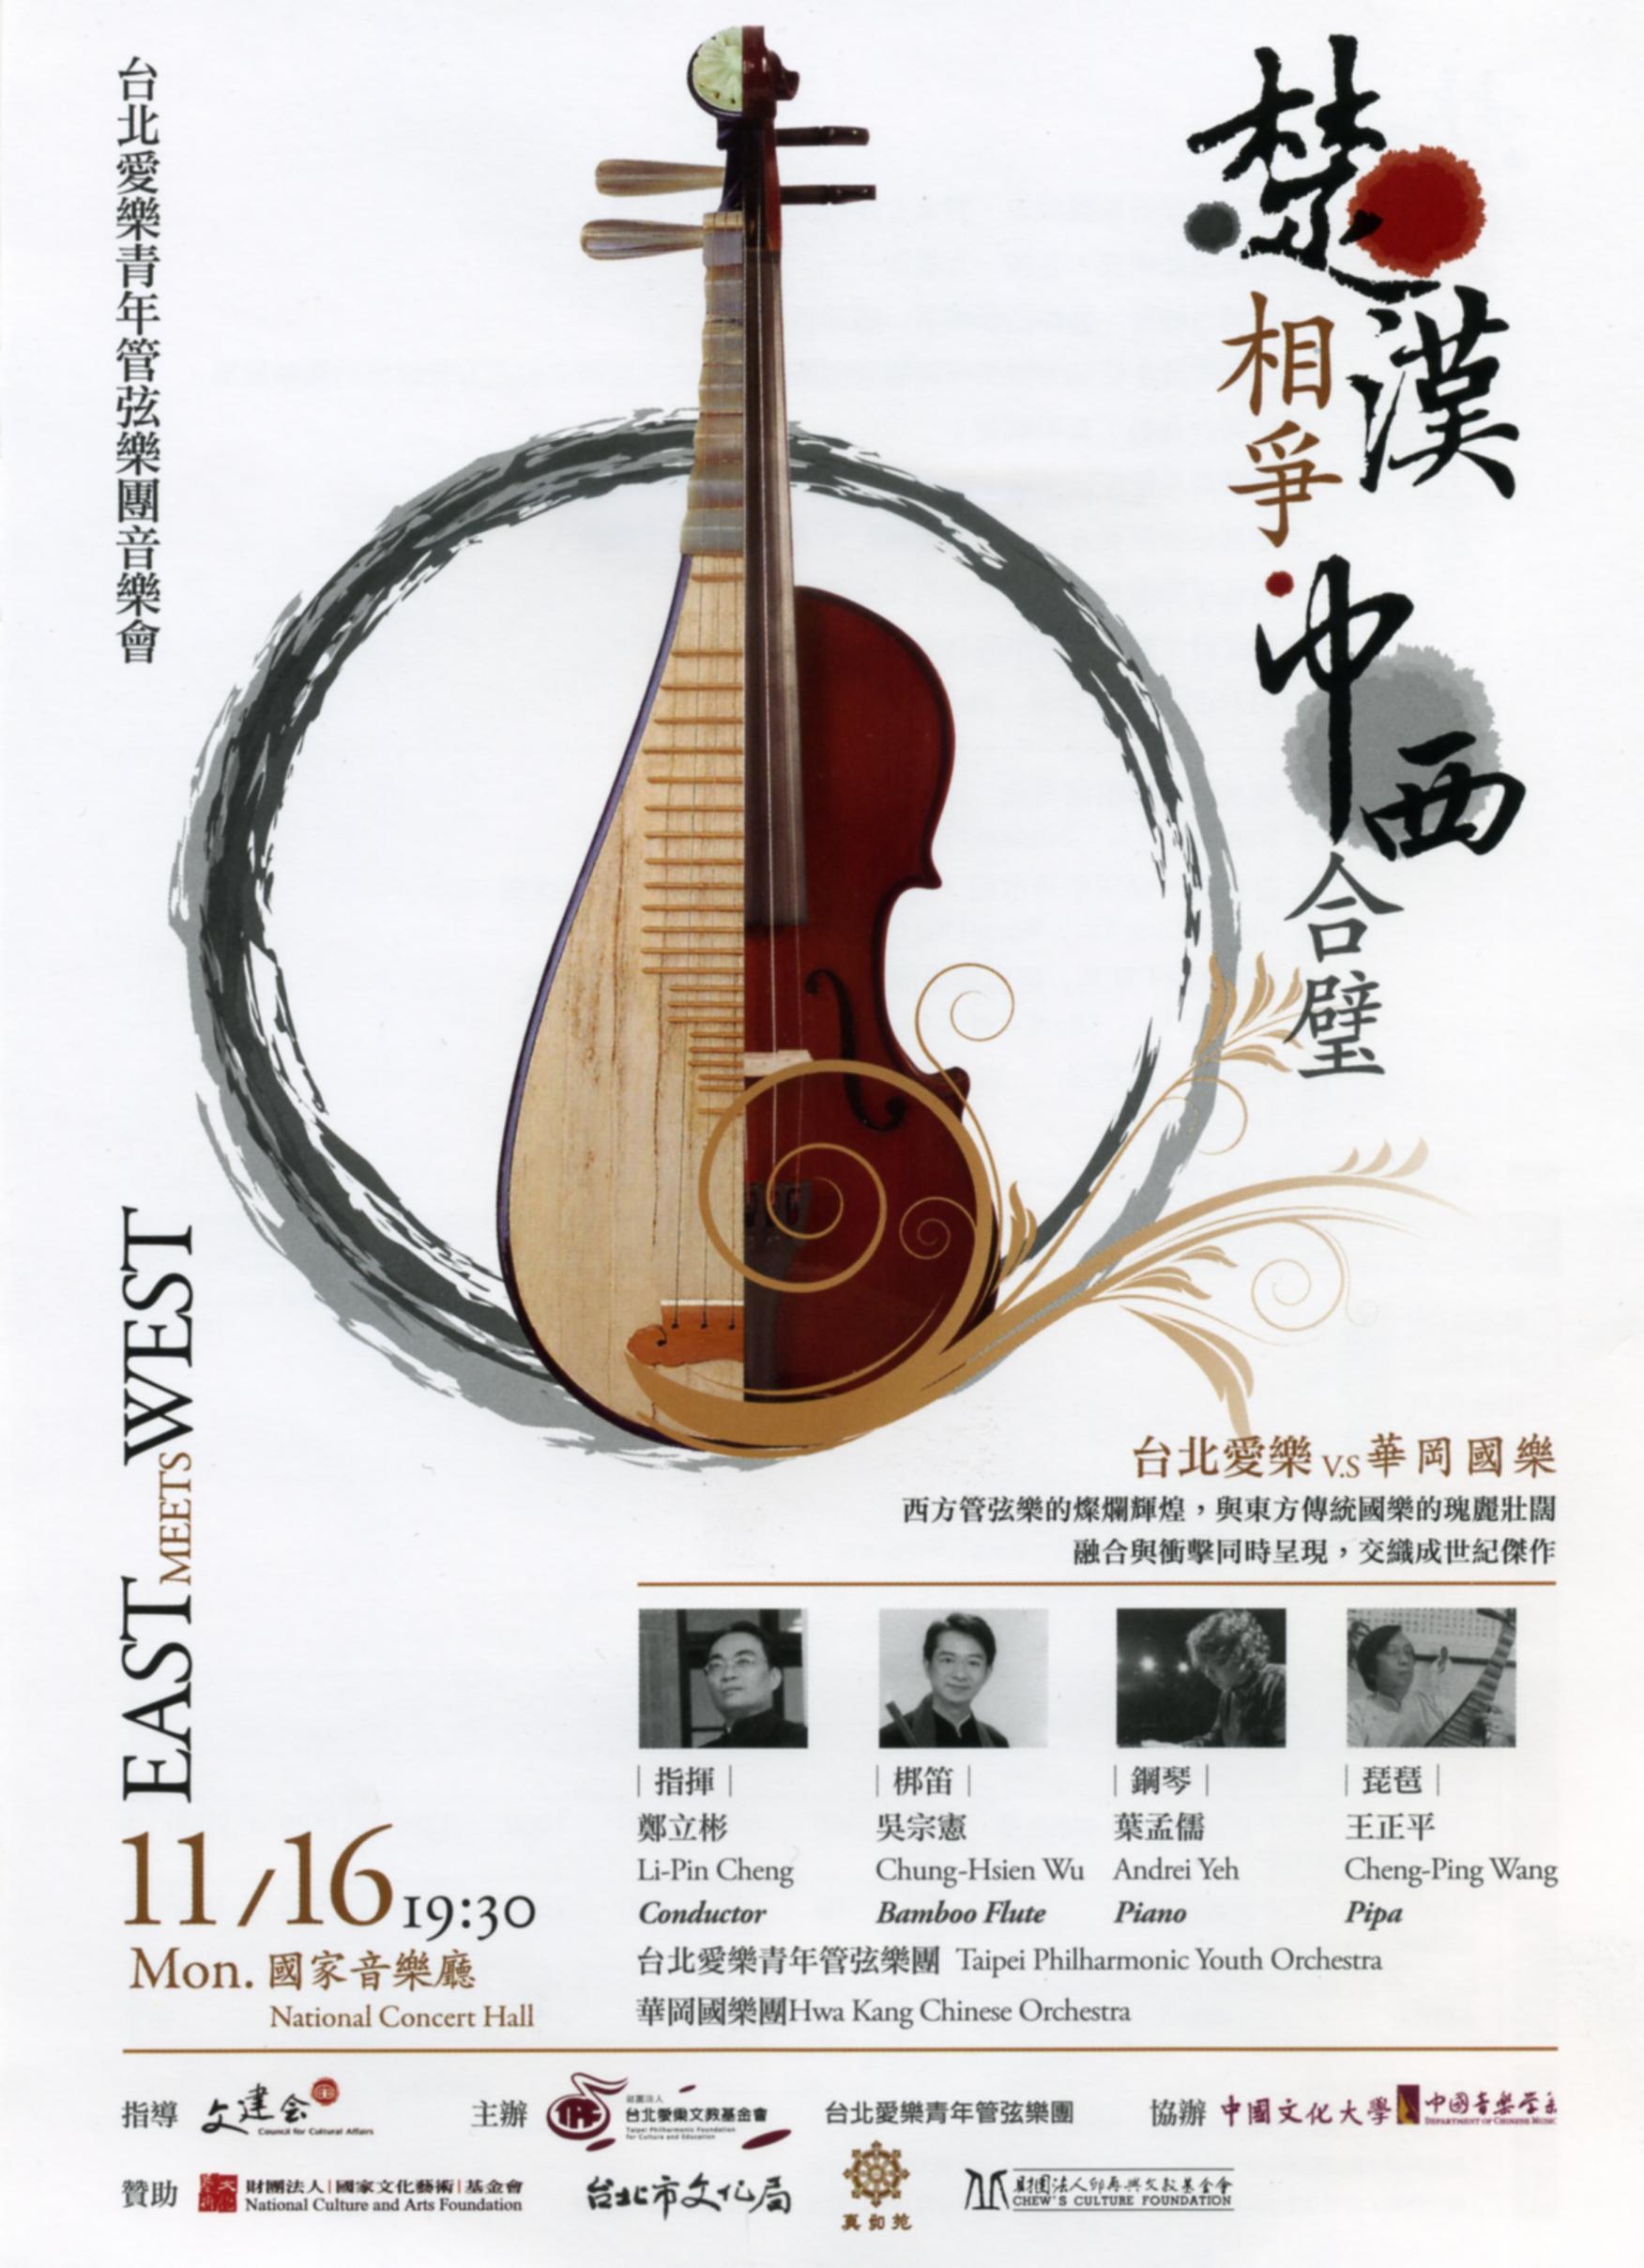 20091116 楚漢 黃河.jpg